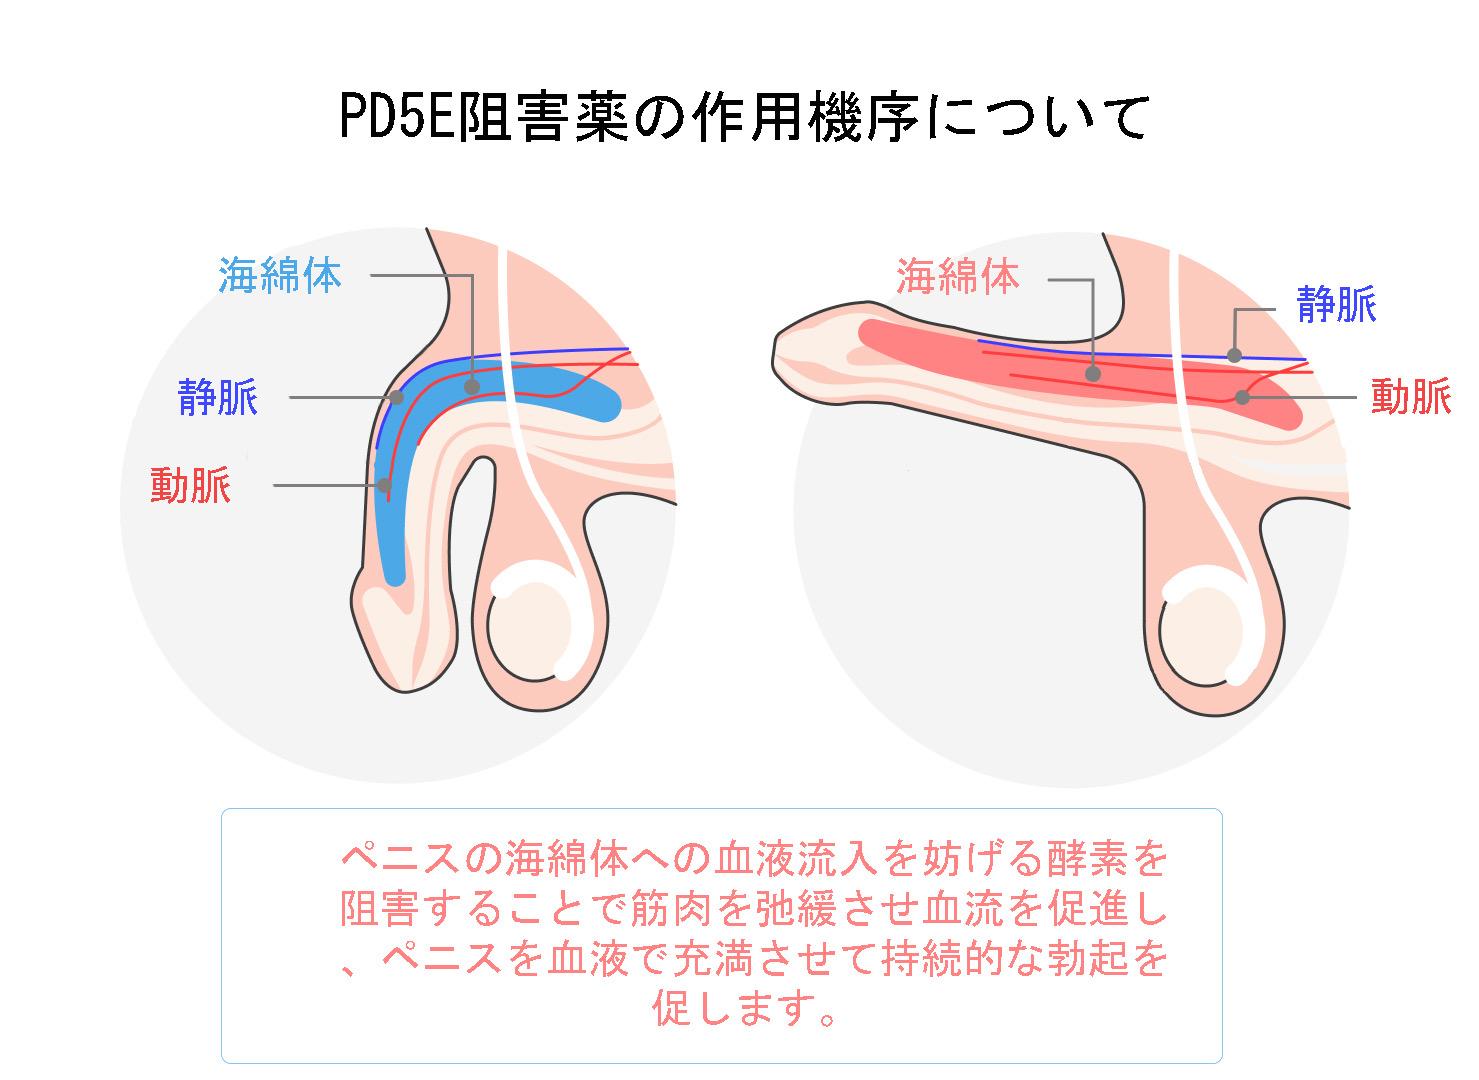 PD5E阻害薬の作用機序について